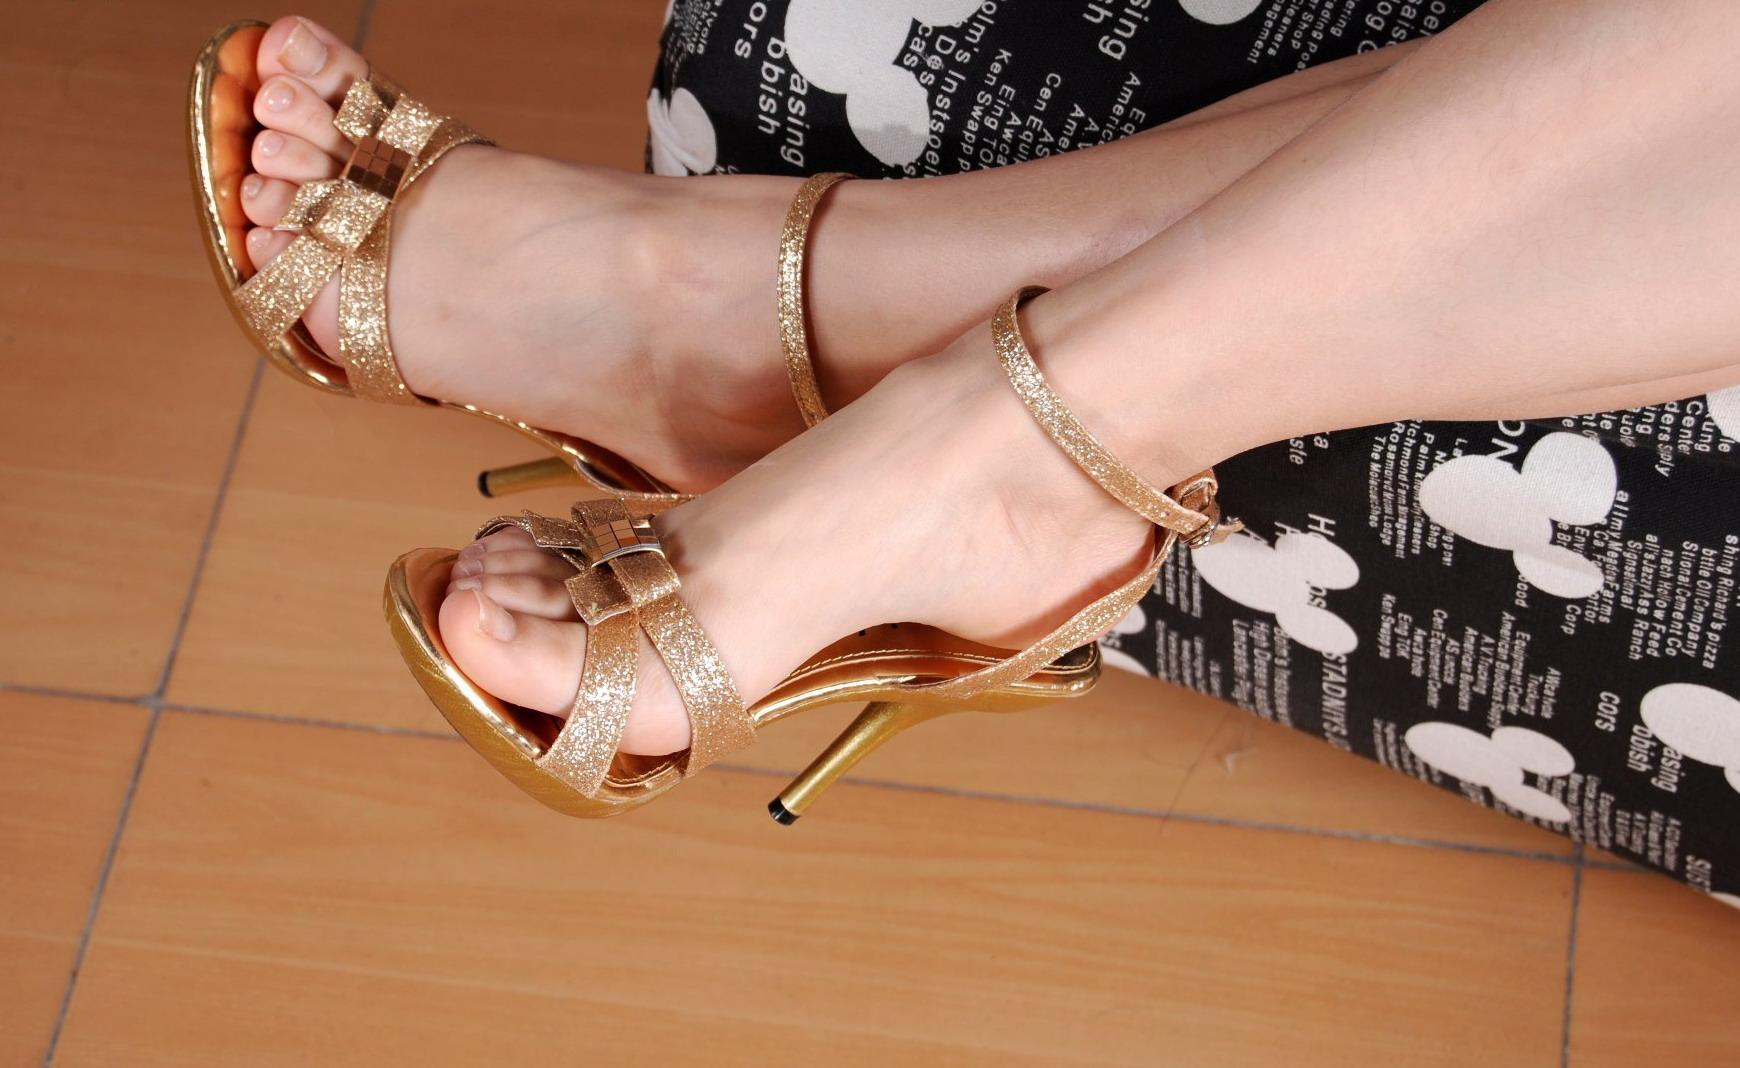 人不是很漂亮但是小脚很性感裸足换金色凉高!